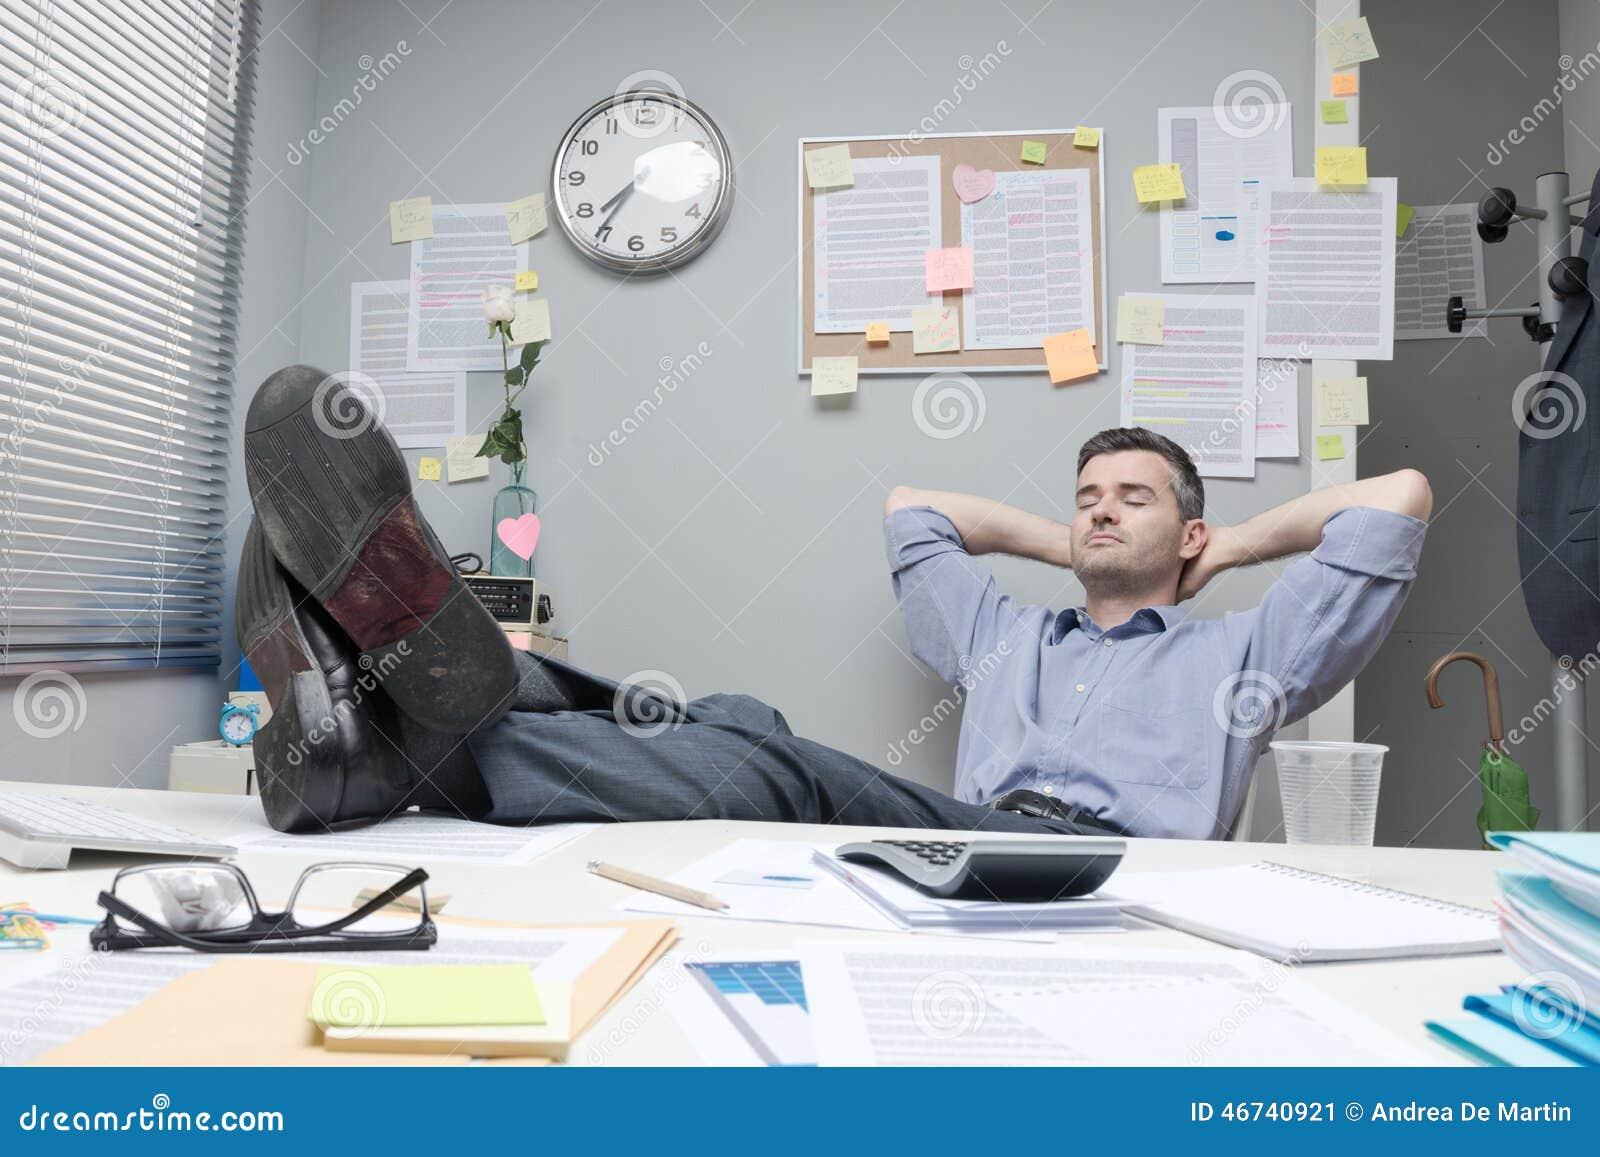 pieds paresseux d 39 employ de bureau photo stock image 46740921. Black Bedroom Furniture Sets. Home Design Ideas